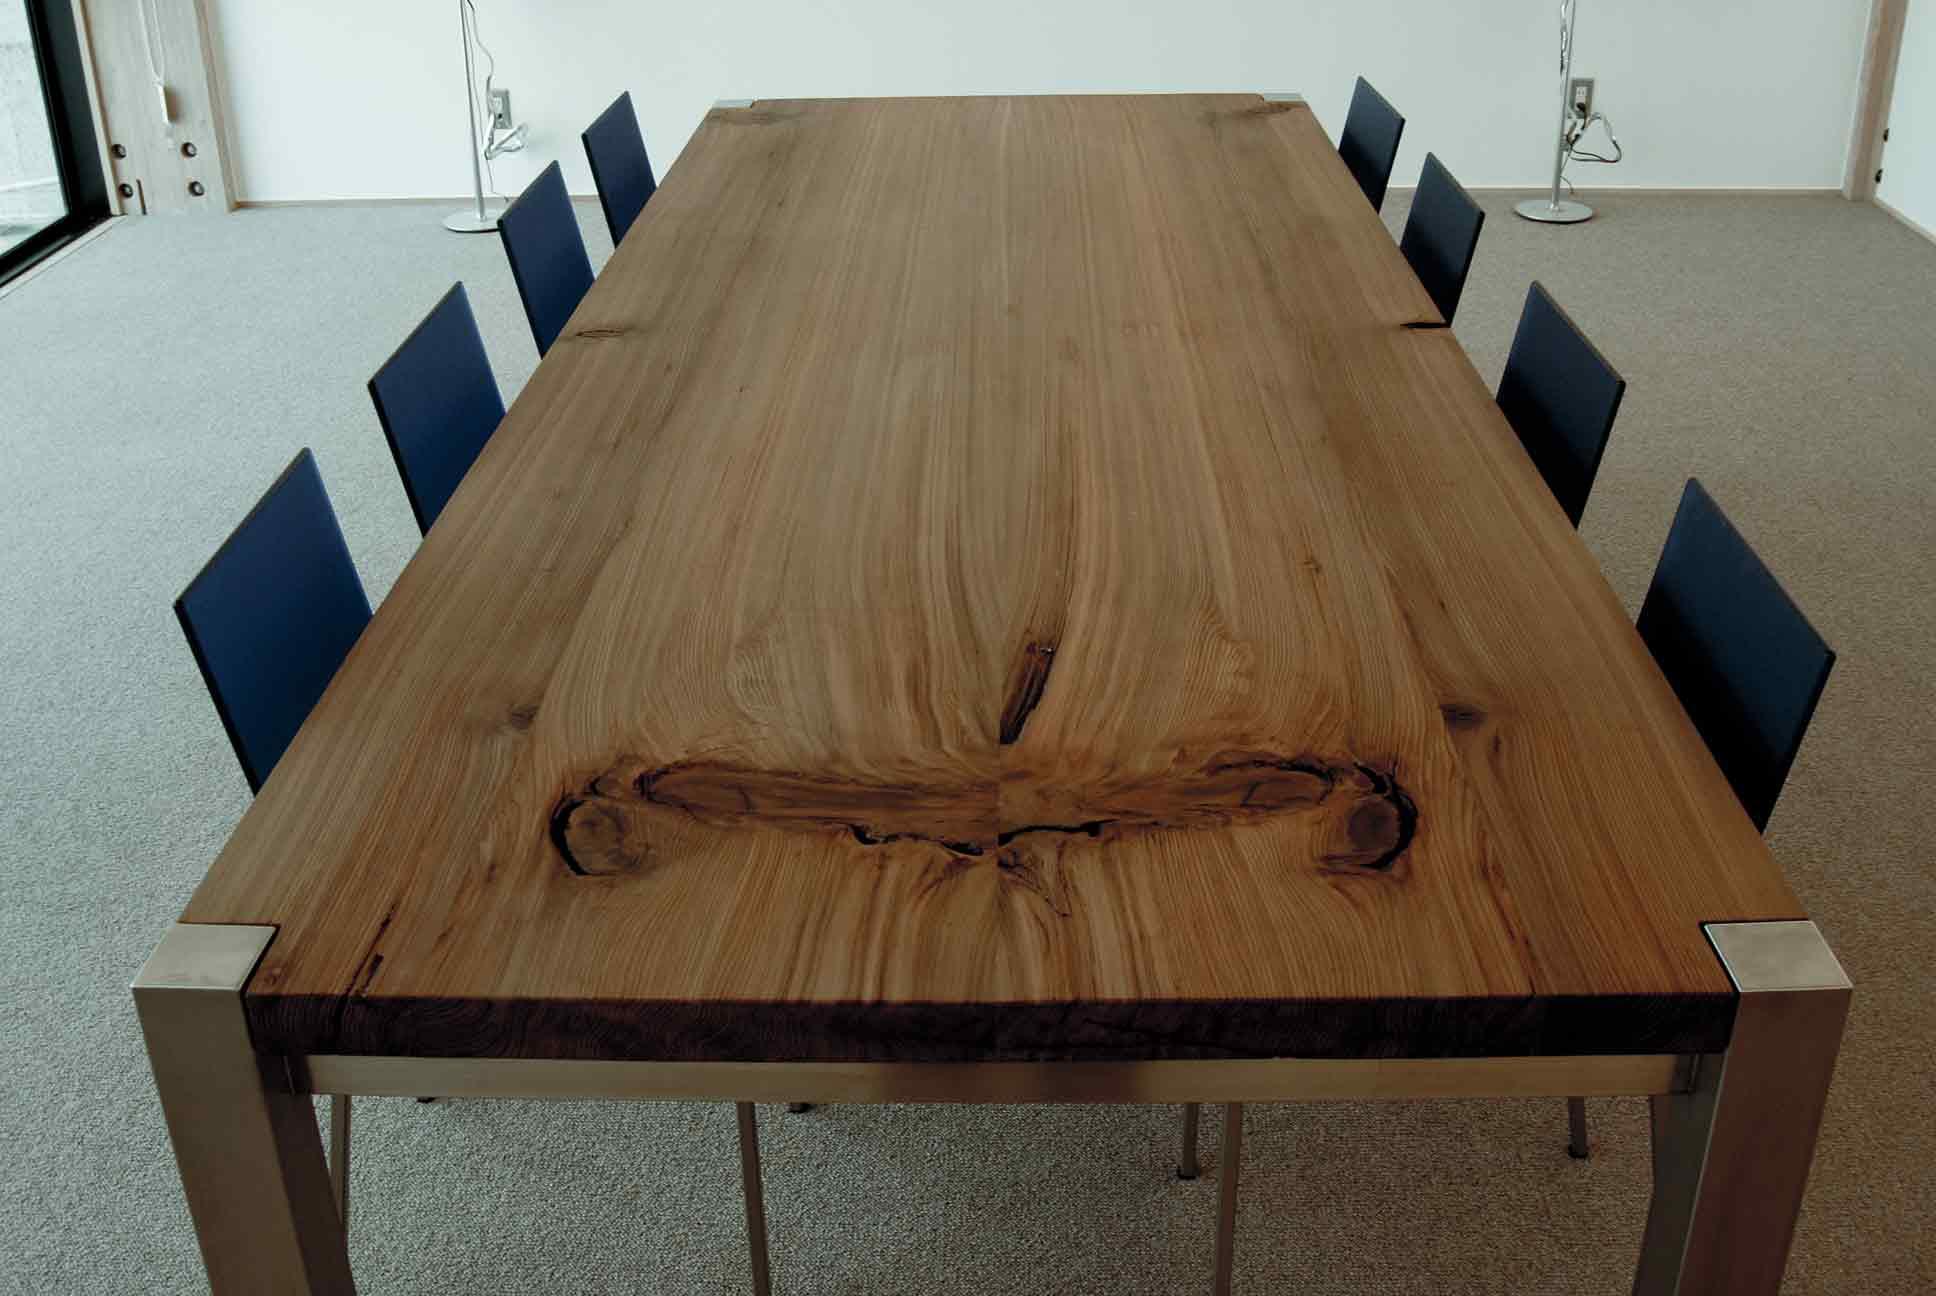 神代杉のテーブル | アトリエセツナ日々日記